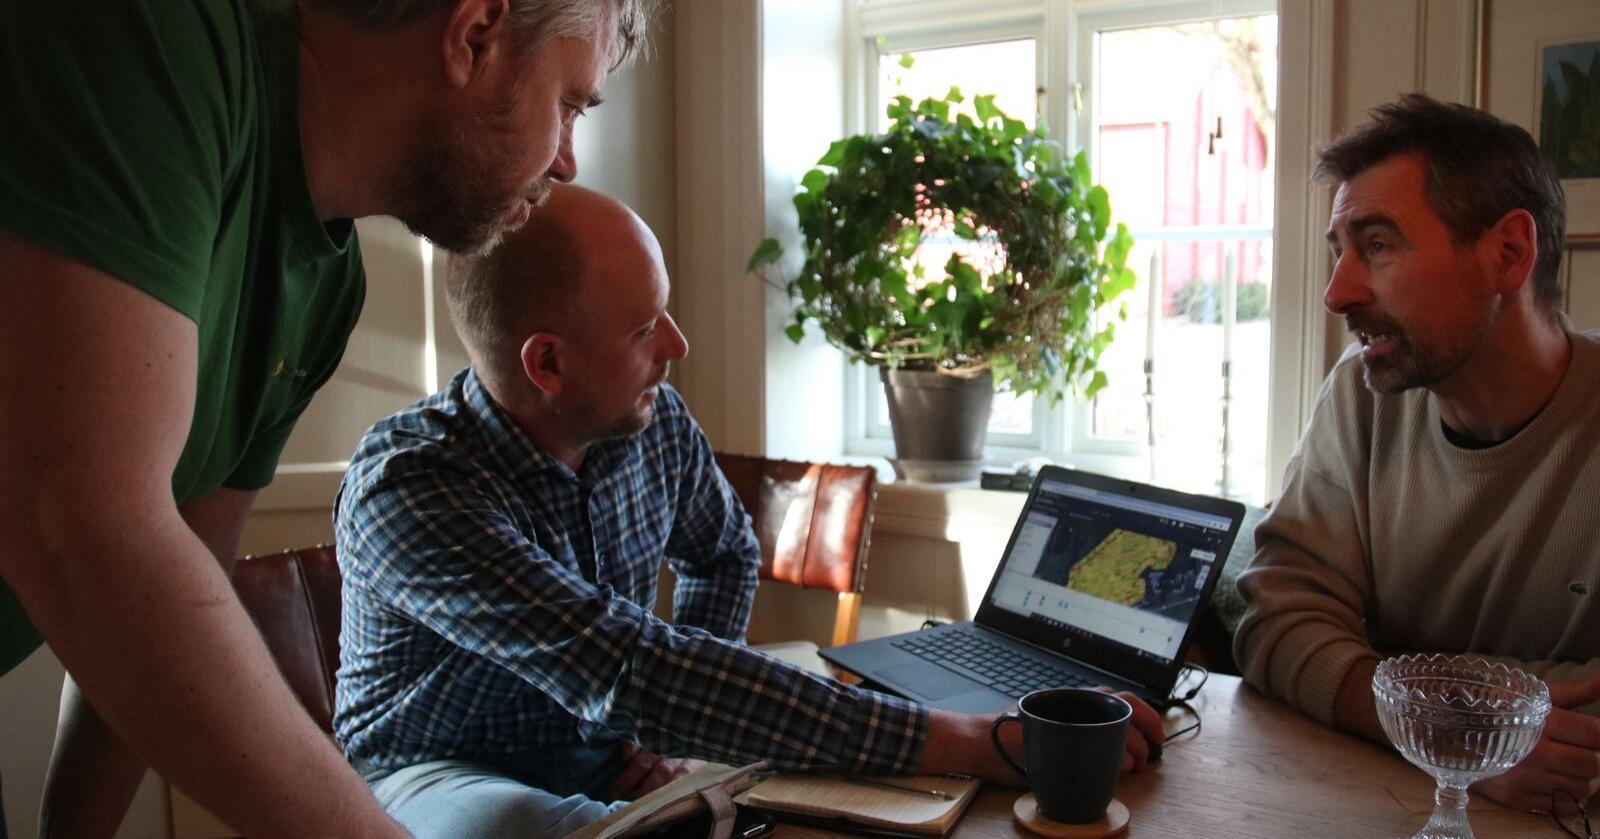 Fra venstre; Åsmund Langeland, Thorleif Aas og Christian Diskerud Meyer. Foto: Knut Houge